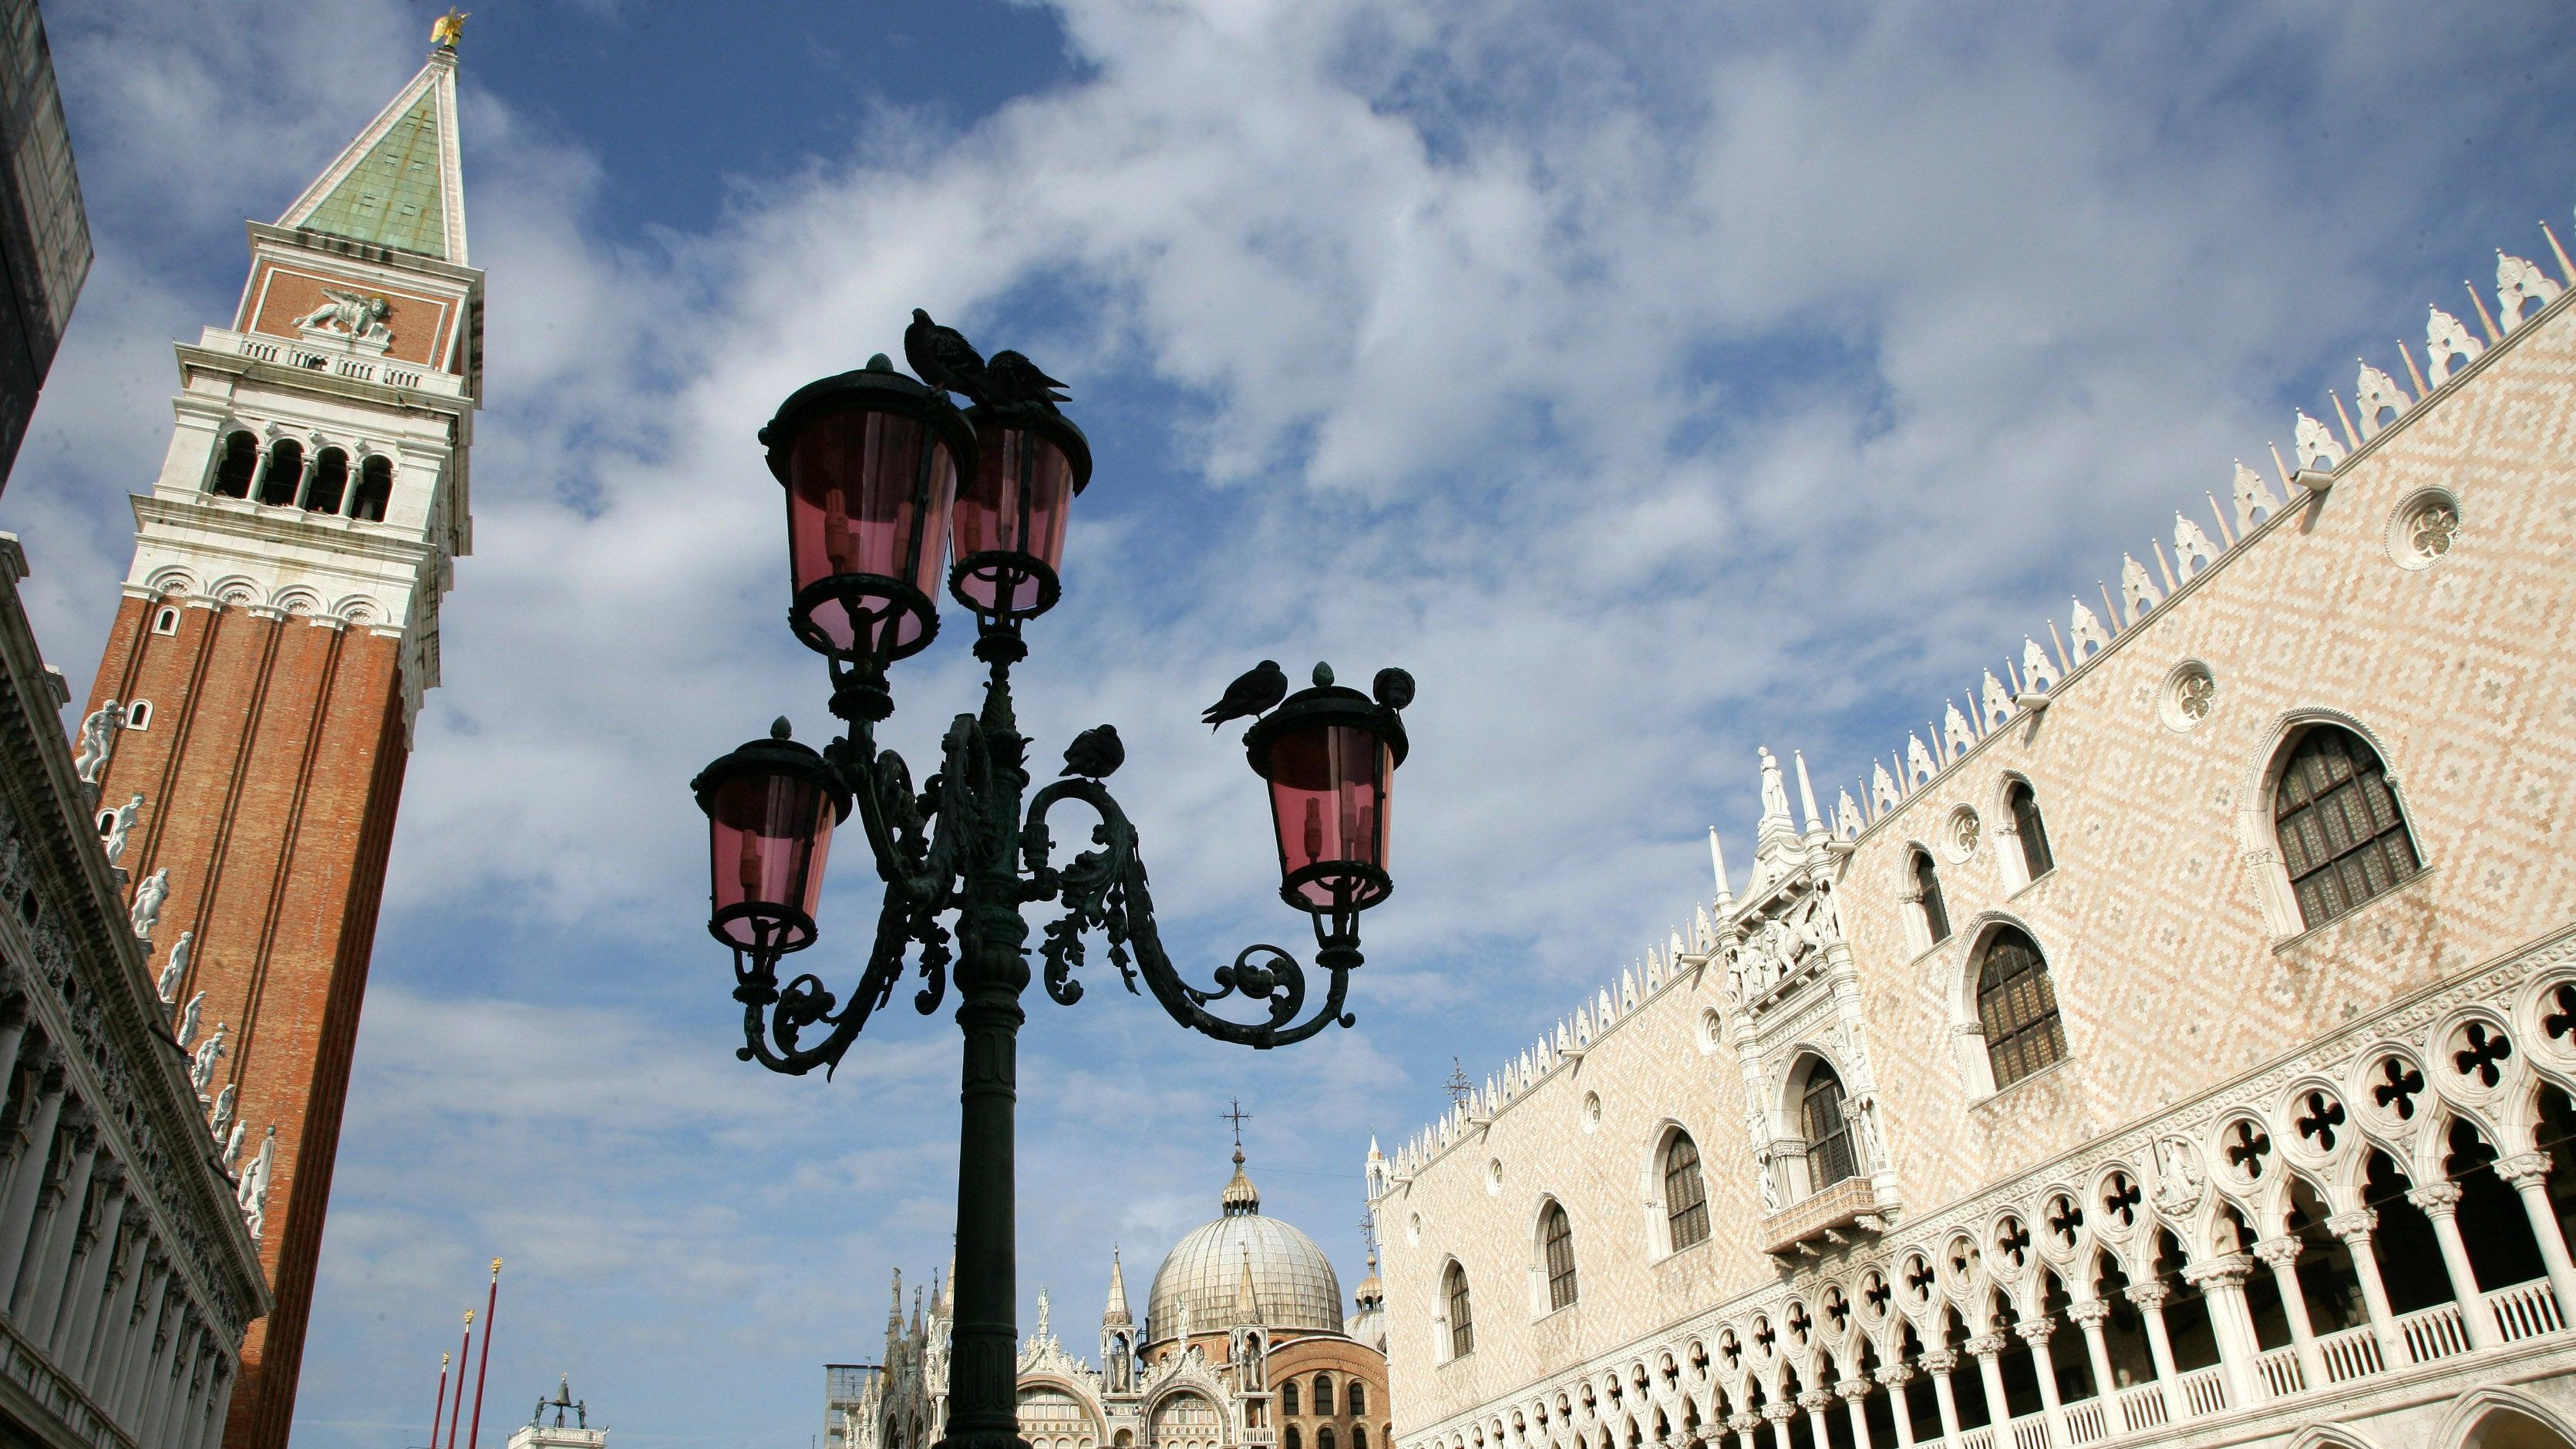 Vandalismus in Venedig: Unbekannte beschmieren Löwe vor Markusdom